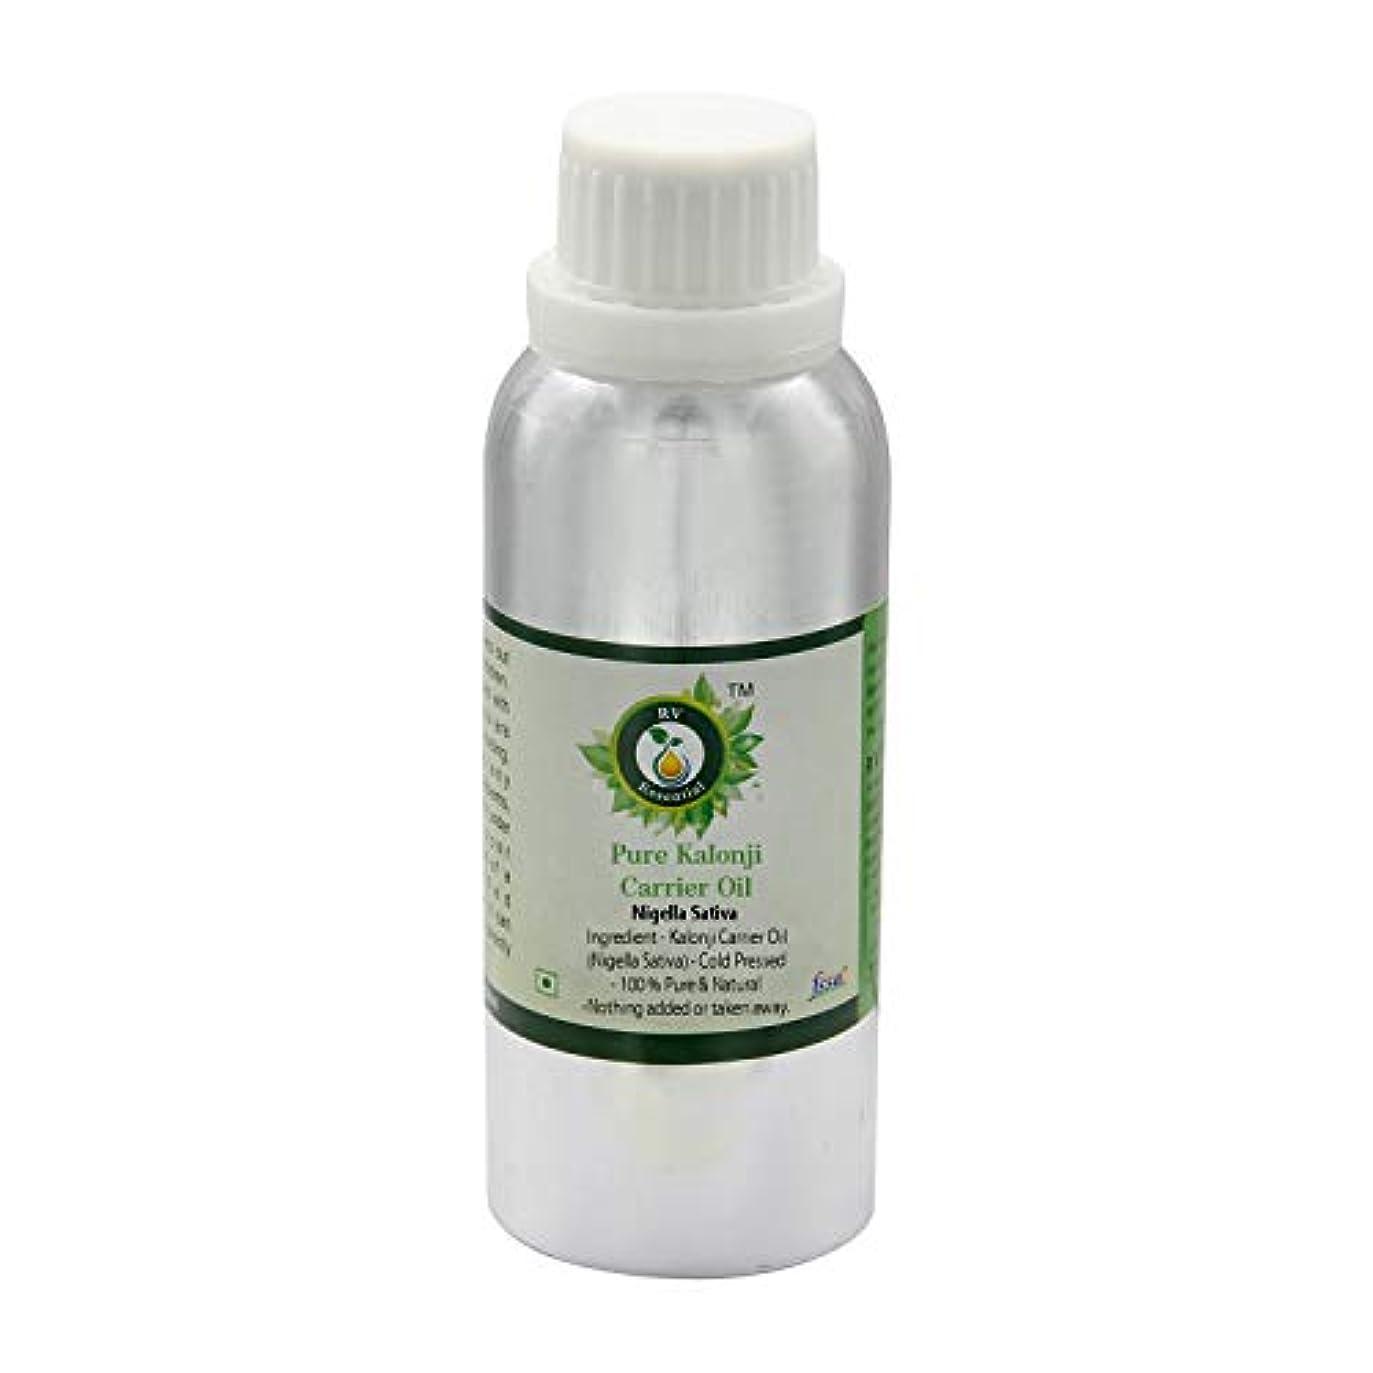 アブストラクト愚かなスクワイアピュアKalonjiキャリアオイル300ml (10oz)- Nigella Sativa (100%ピュア&ナチュラルコールドPressed) Pure Kalonji Carrier Oil